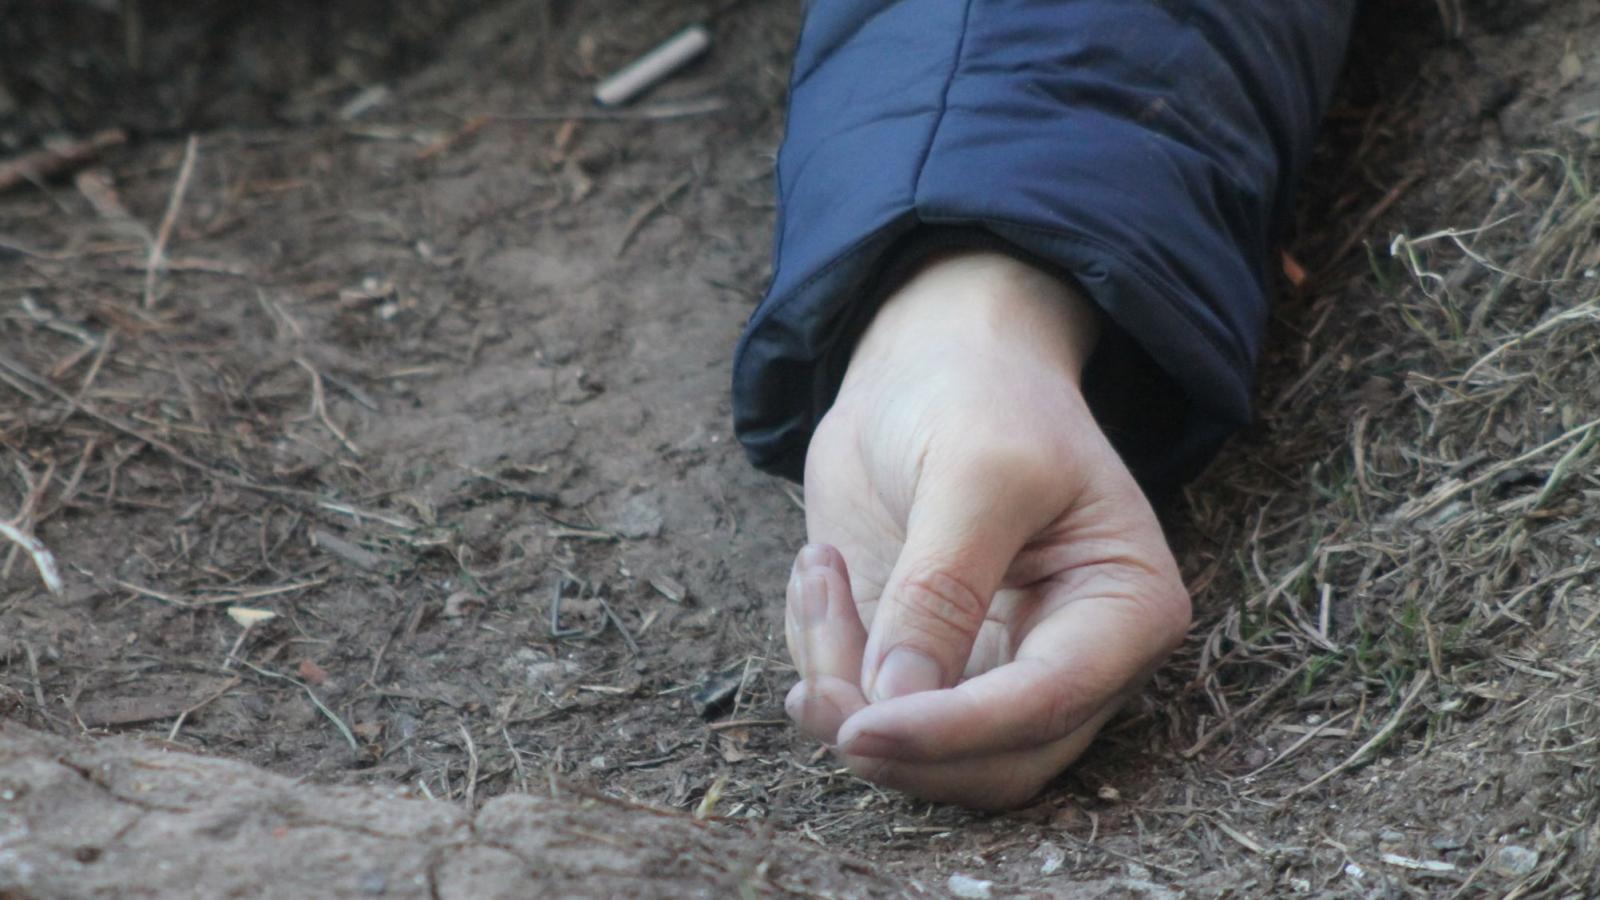 Мертвую девушку обнаружили в Никольске